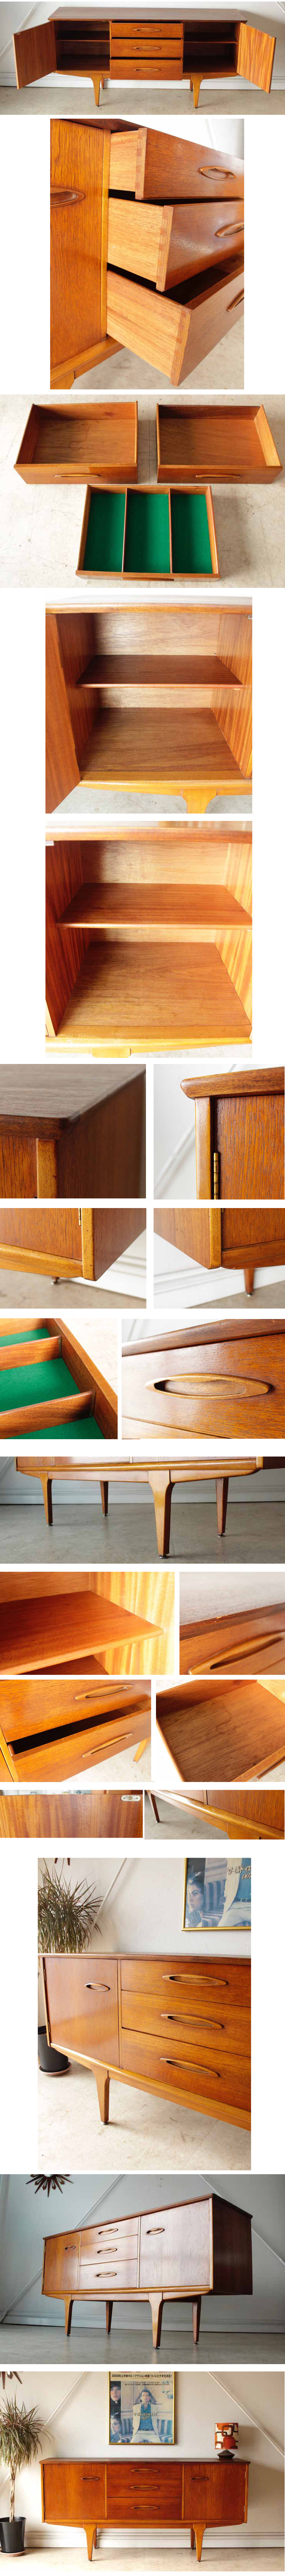 イギリスJentique製(ジェンティーク)ビンテージ【チーク】サイドボード/アンティーク家具・北欧